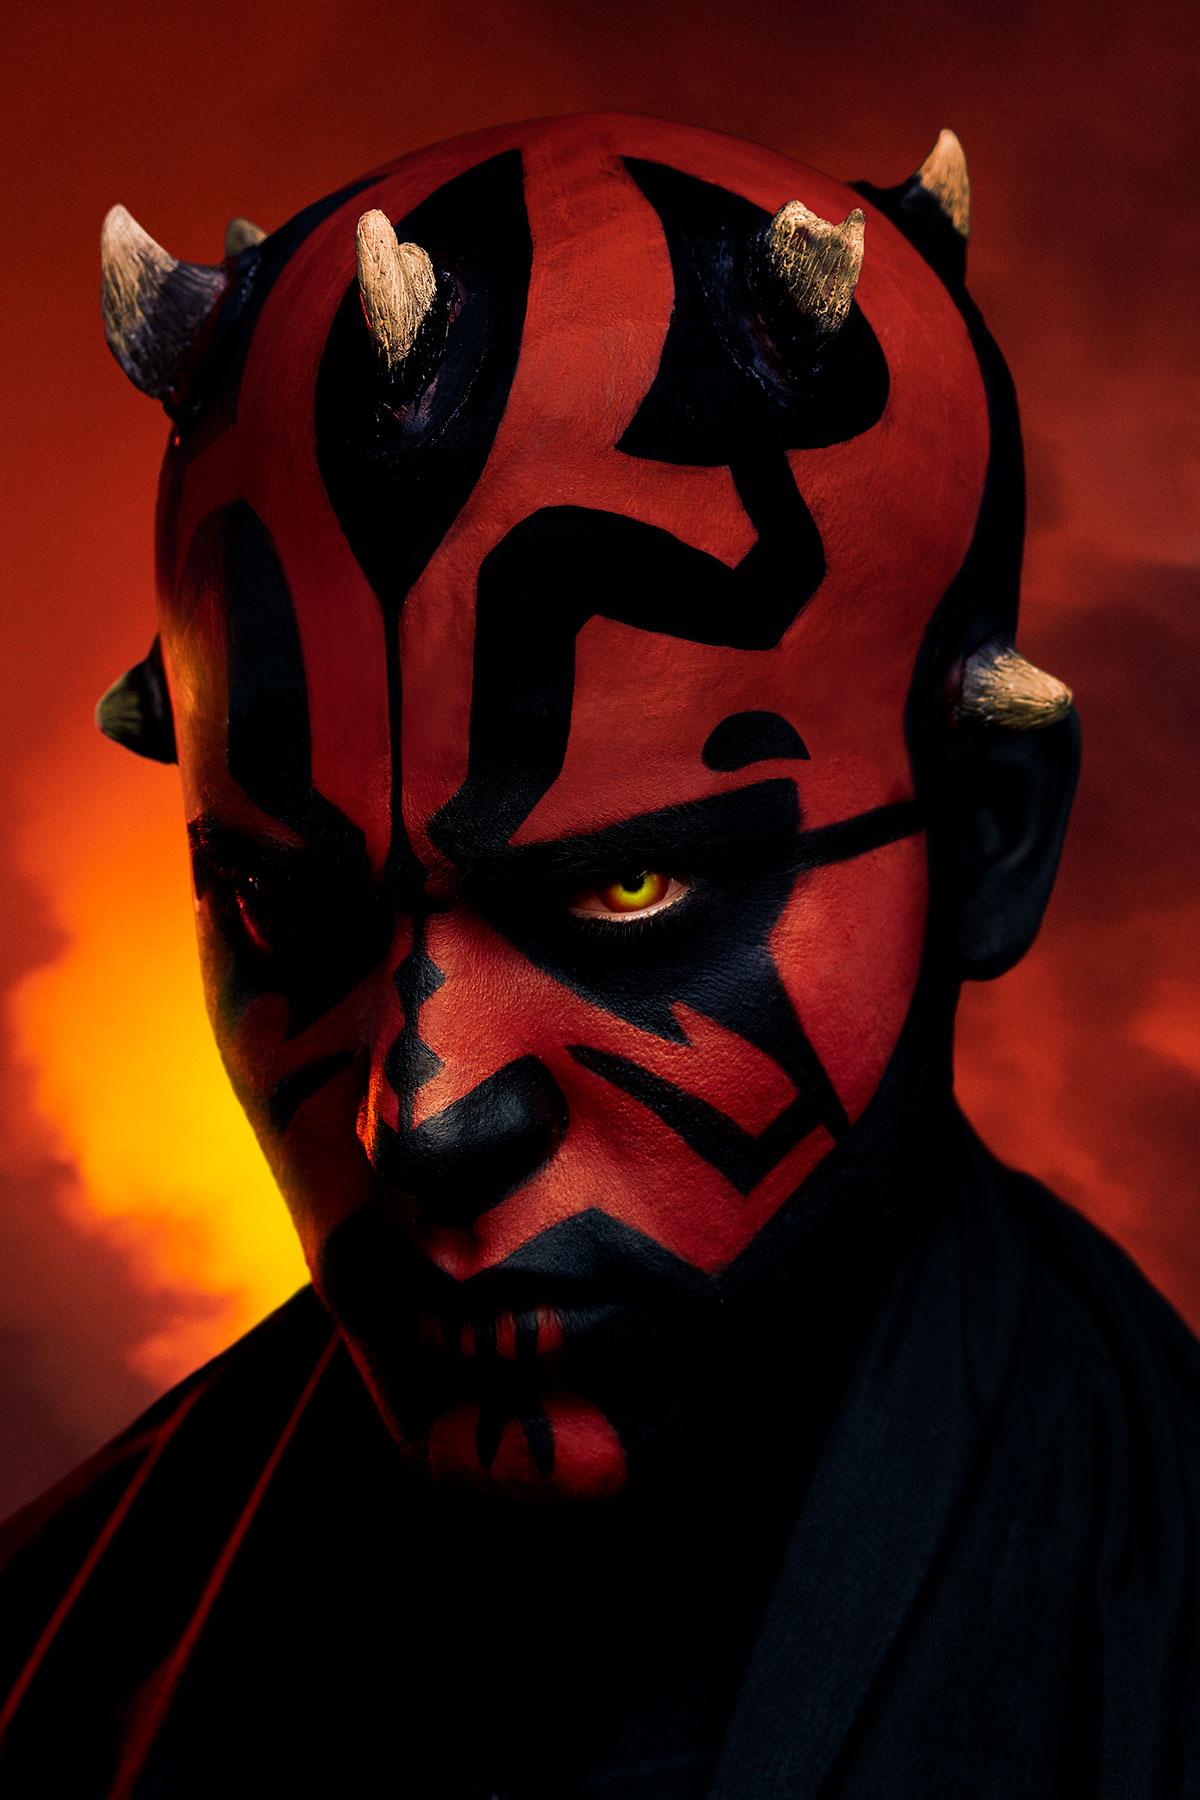 Arthur Sayanoff Darth Maul Star Wars 08 06